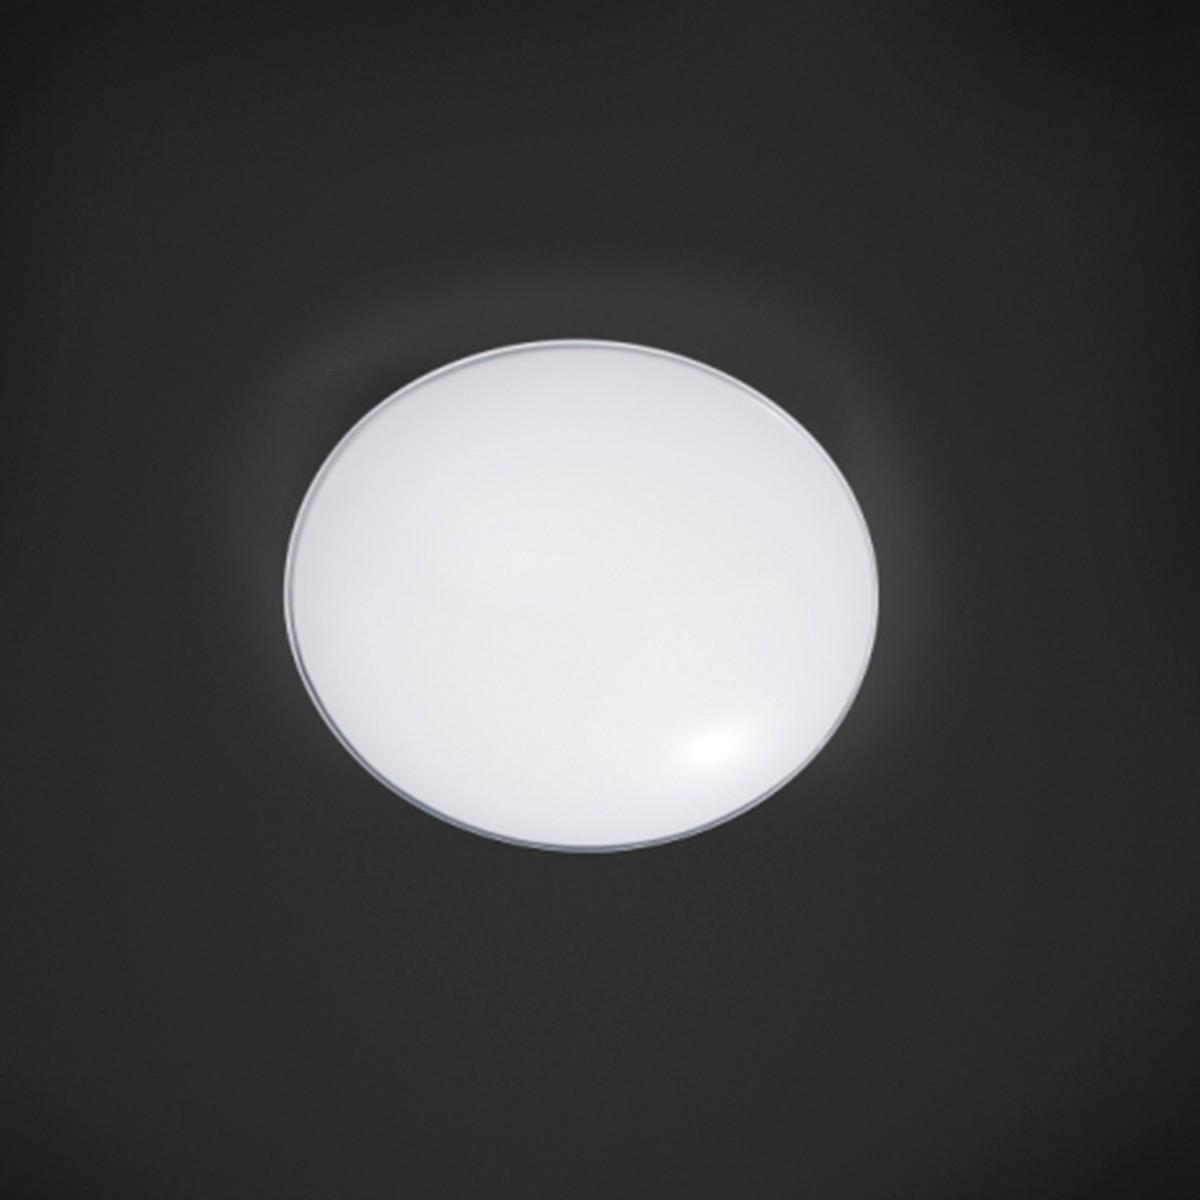 Bankamp Toledo Deckenleuchte, Ø: 40 cm, opalweiß / klar